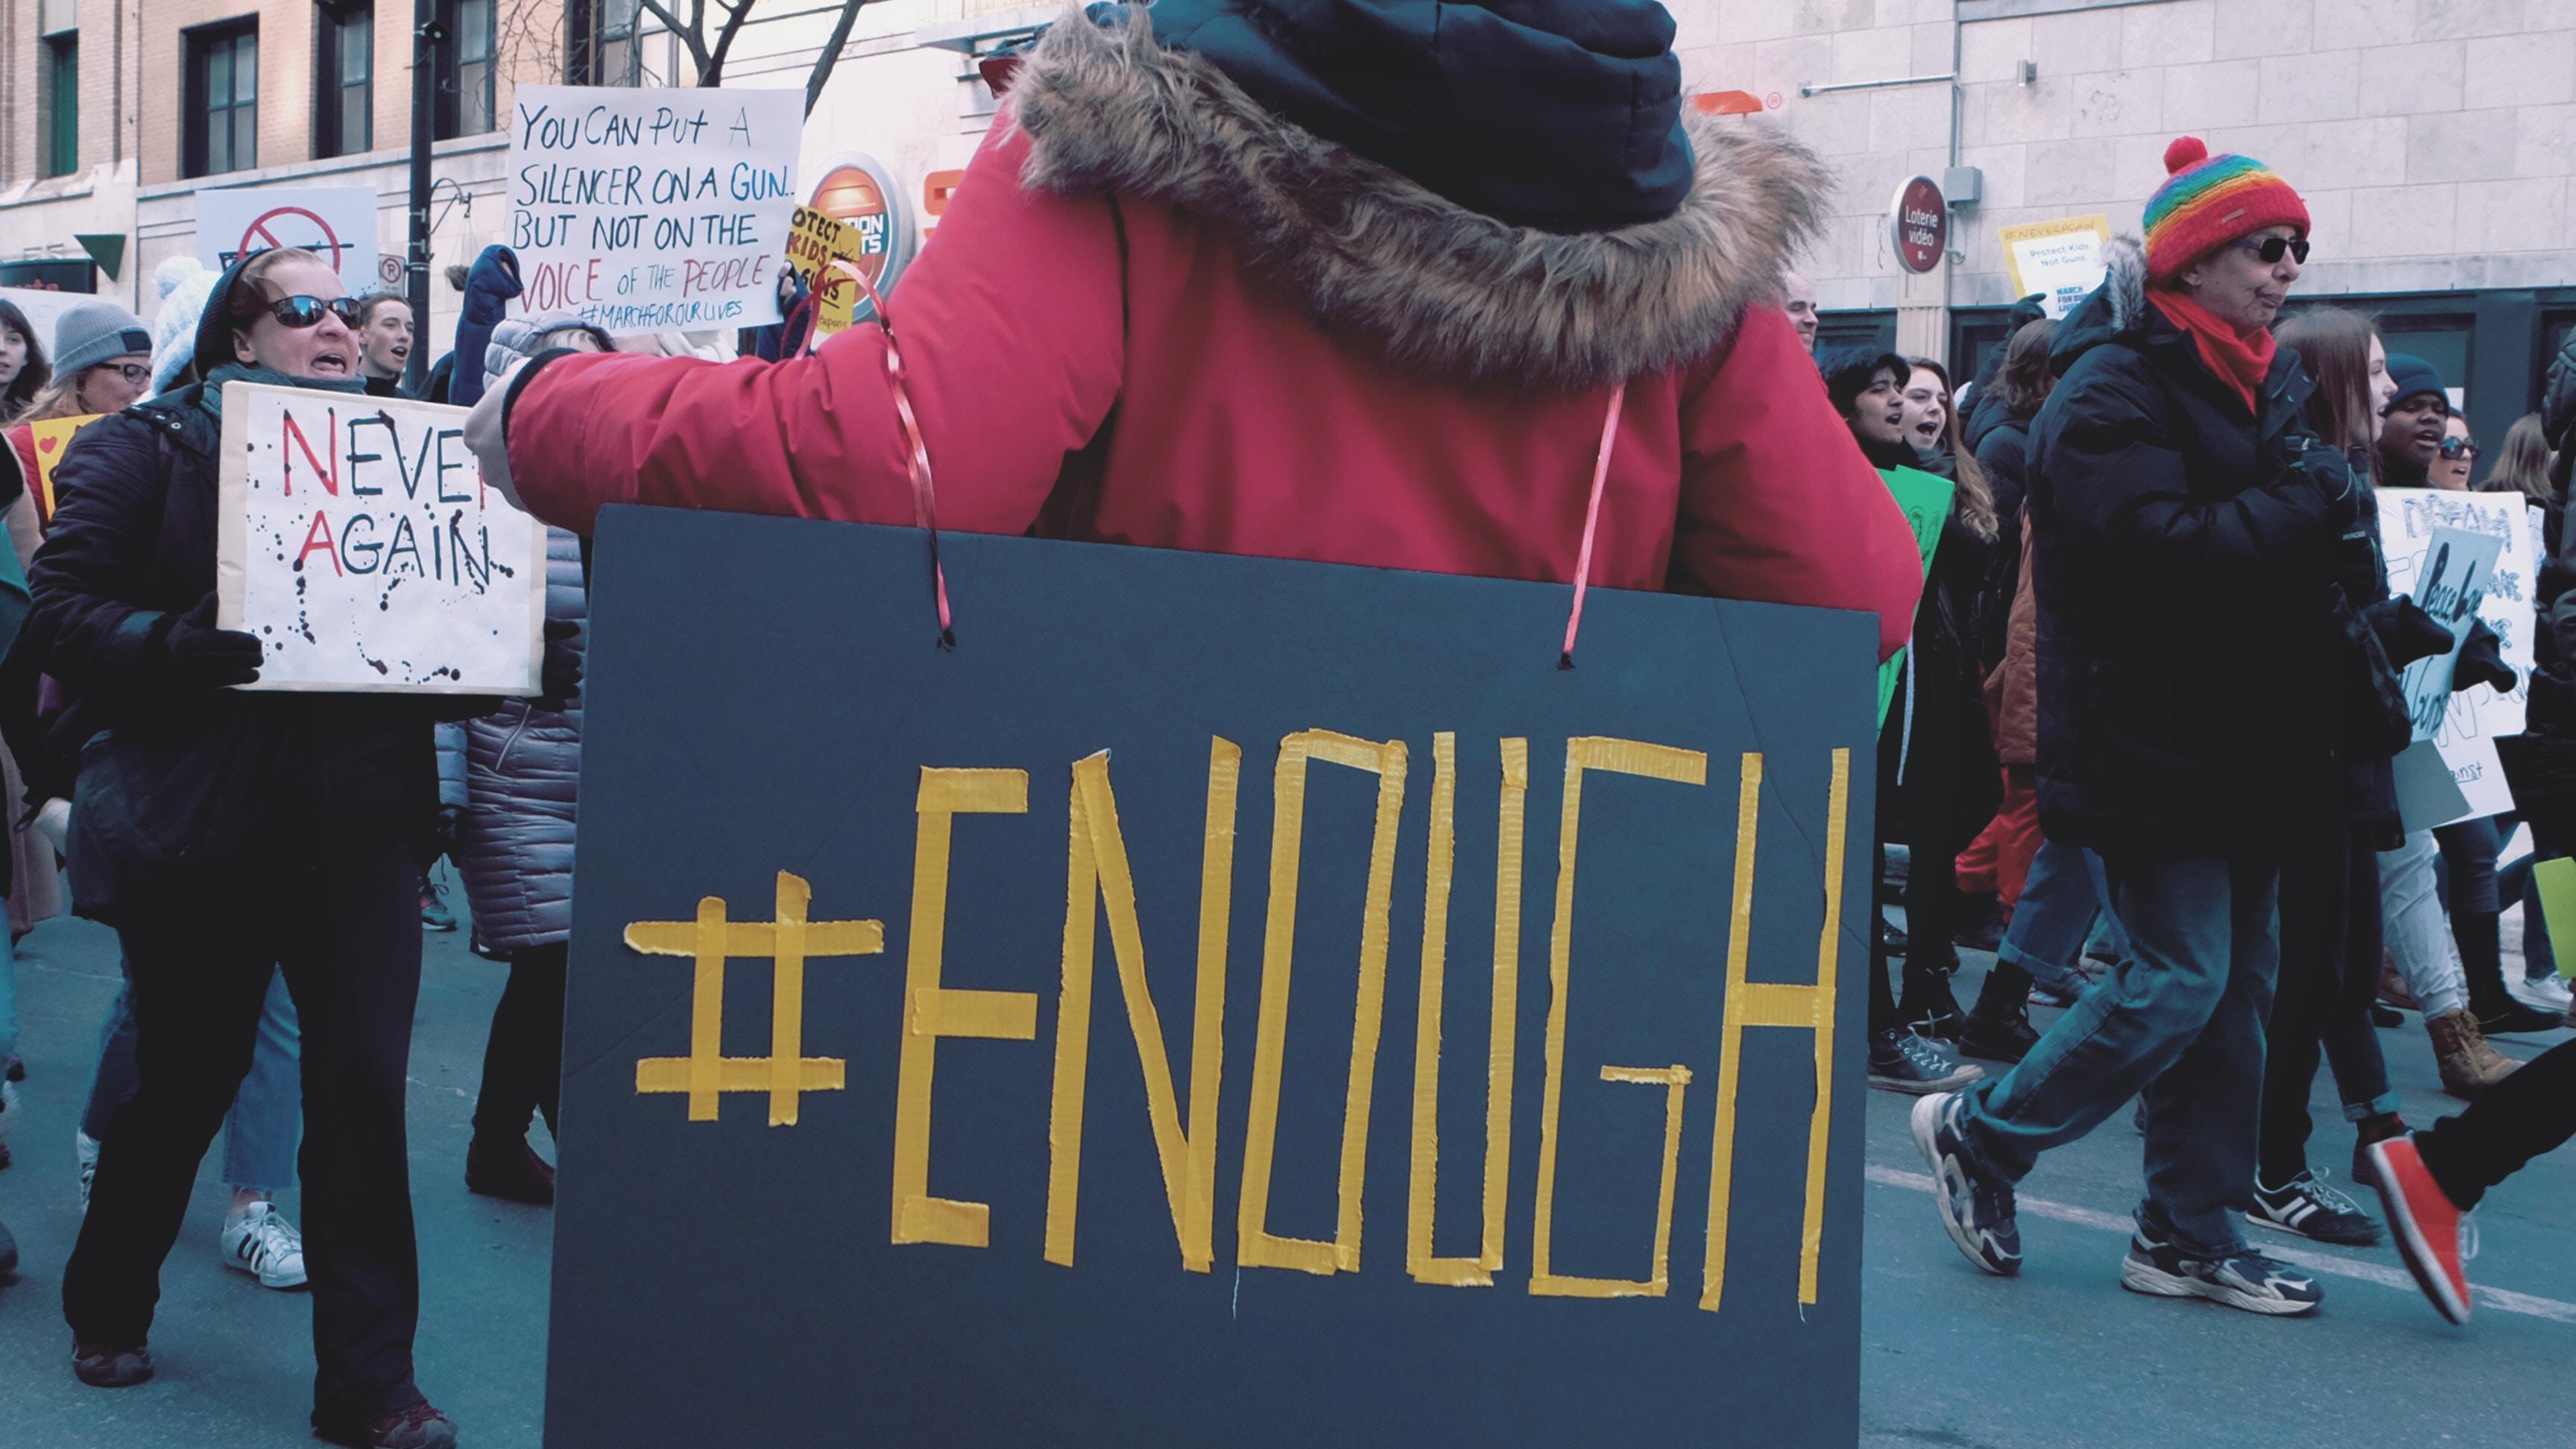 Od ućutkivanja do femicida (od građanina do činovnika)